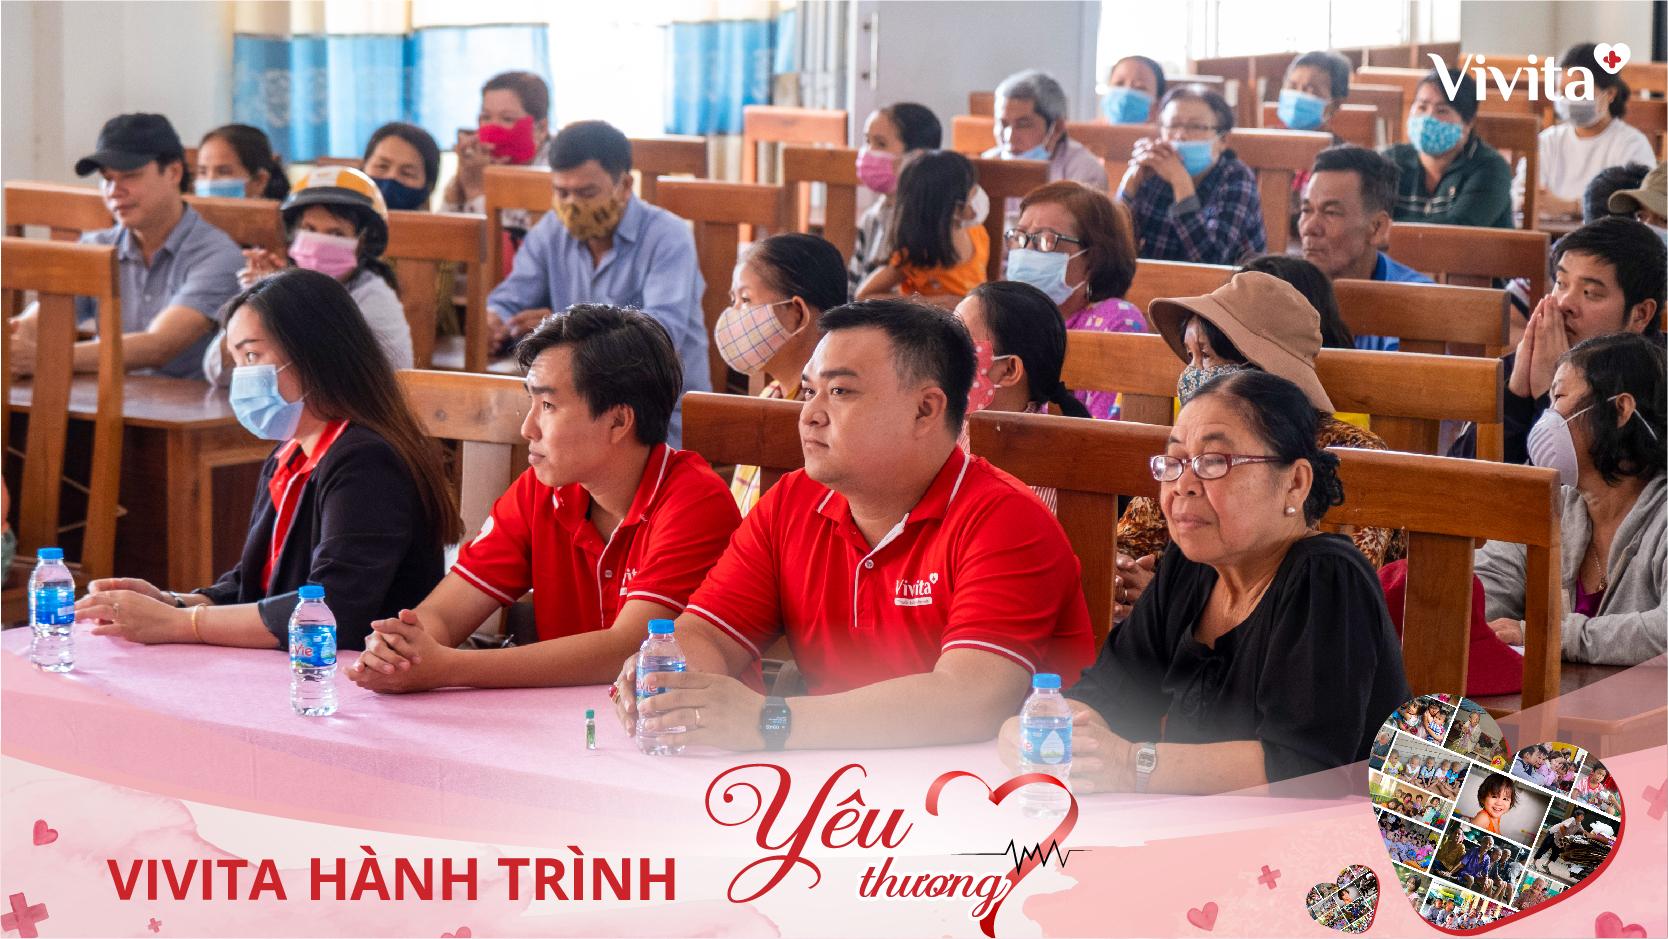 vivita hanh trinh yeu thuong tai ben tre